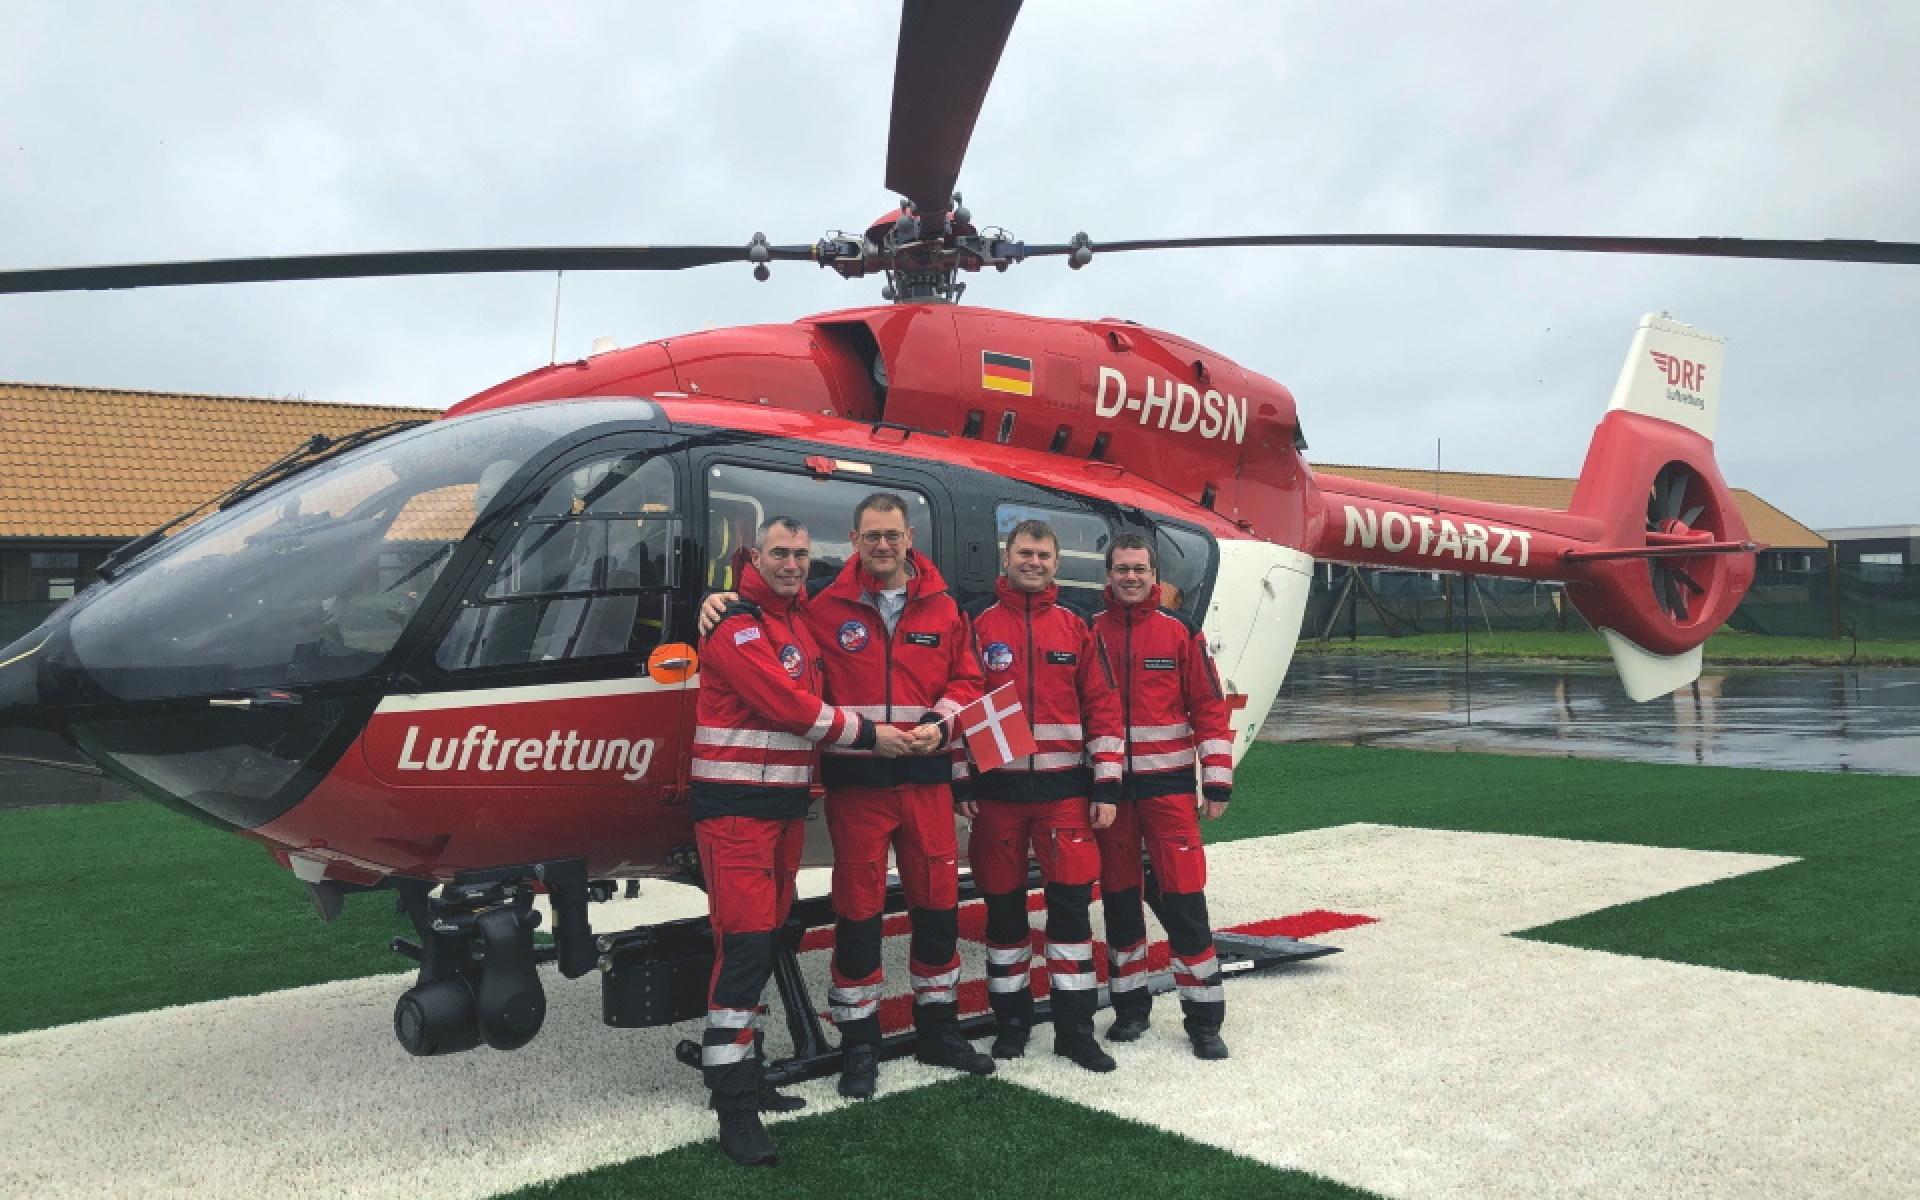 Die Crew eines Rettungshubschraubers der DRF Luftrettung steht vor einem Hubschrauber.